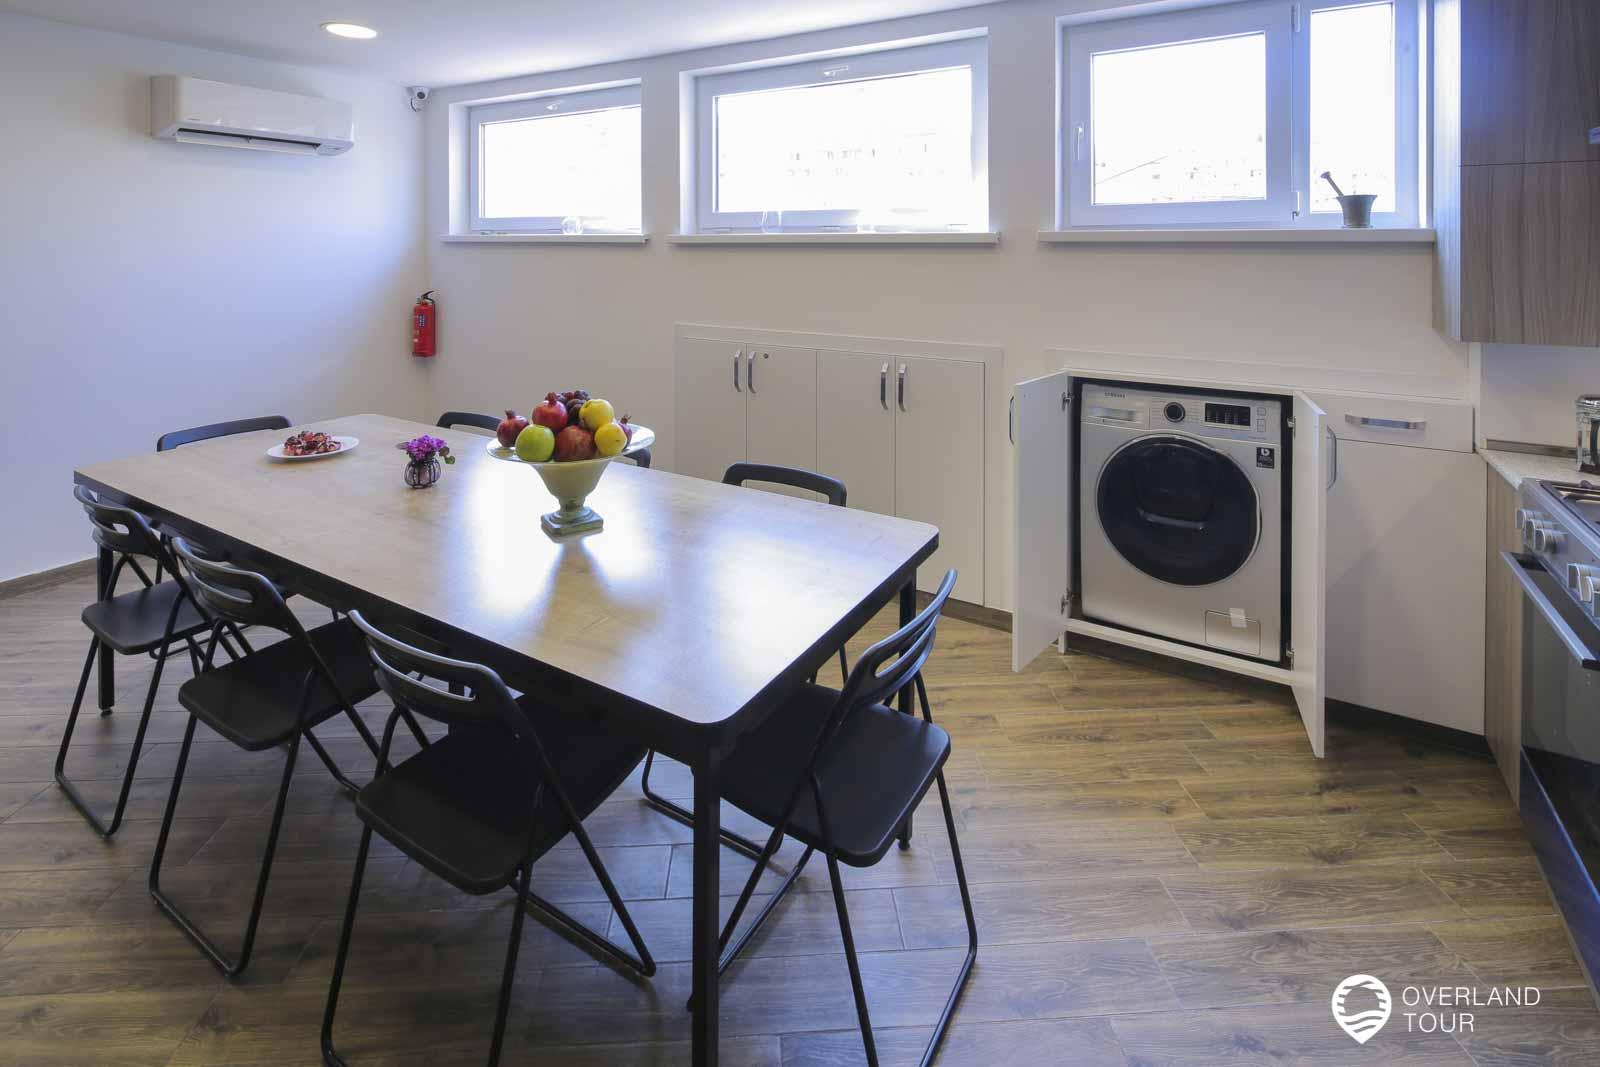 In der Küche steht auch eingebaut die Waschmaschiene, die umsonst benutzt werden kann. Ein echtes Highlight für mich